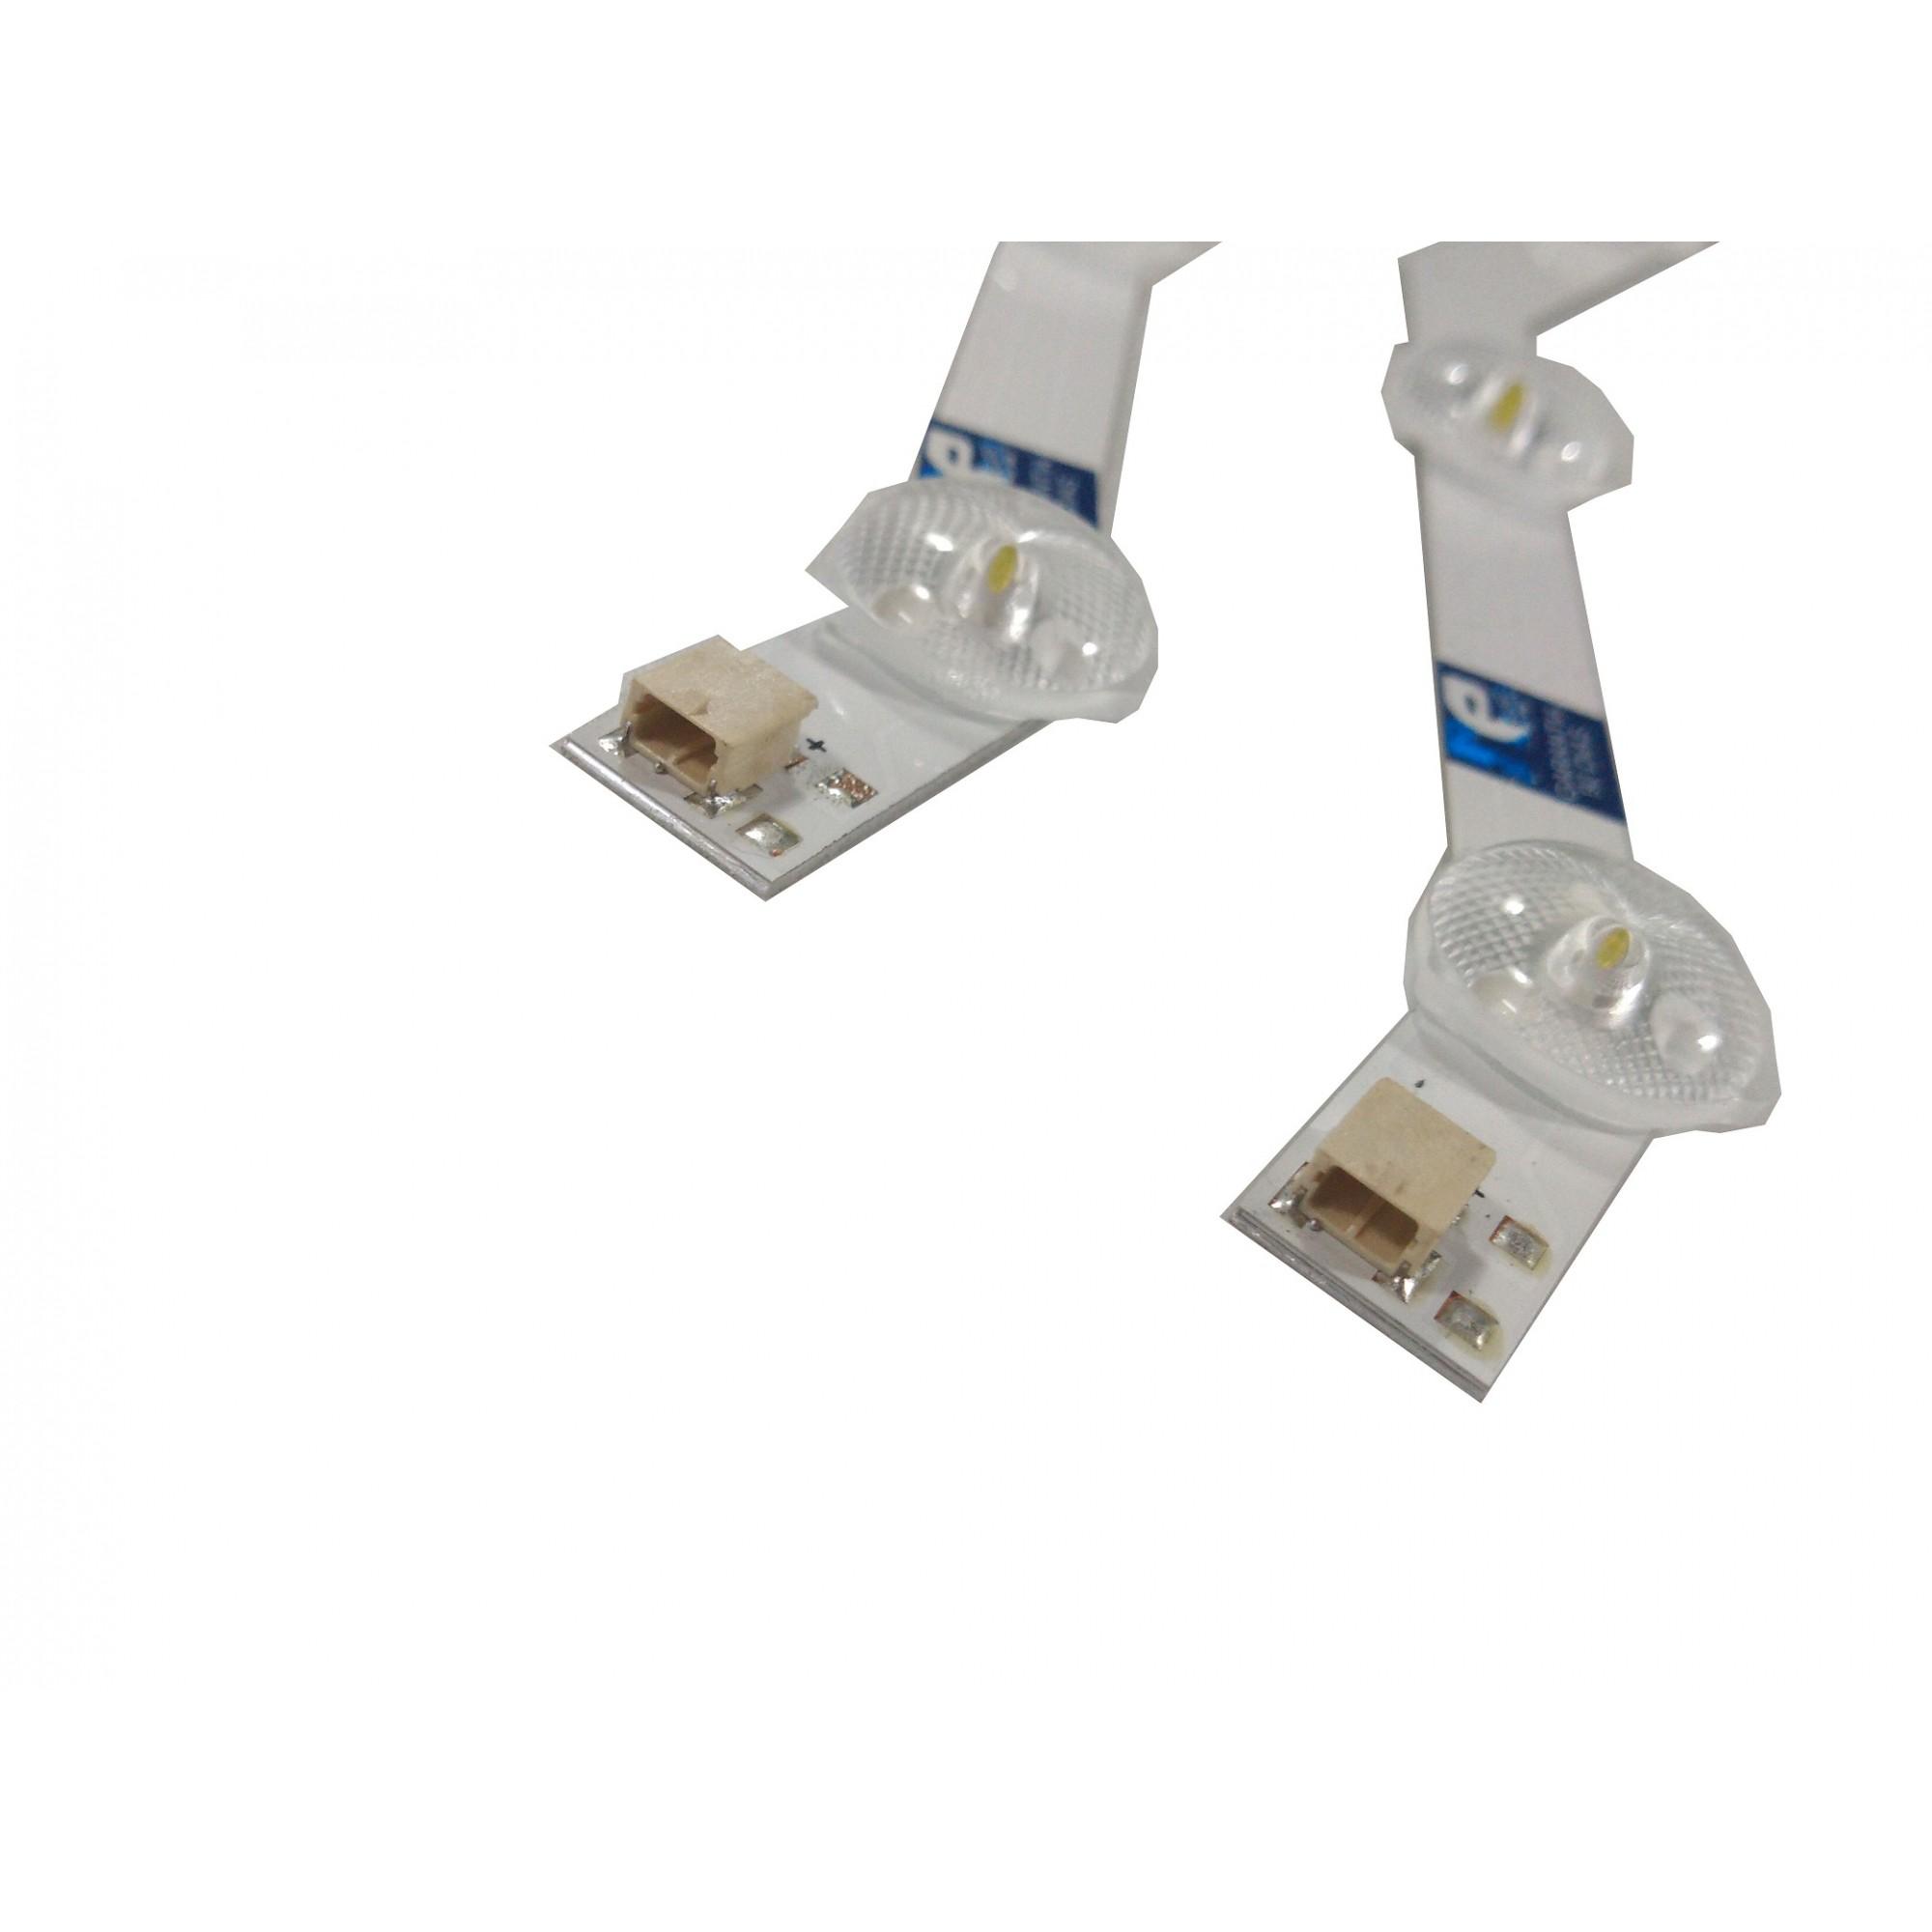 KIT BARRA DE LED SAMSUNG UN32FH4205G UN32FH5205G UN32H4303AG 9 LEDS